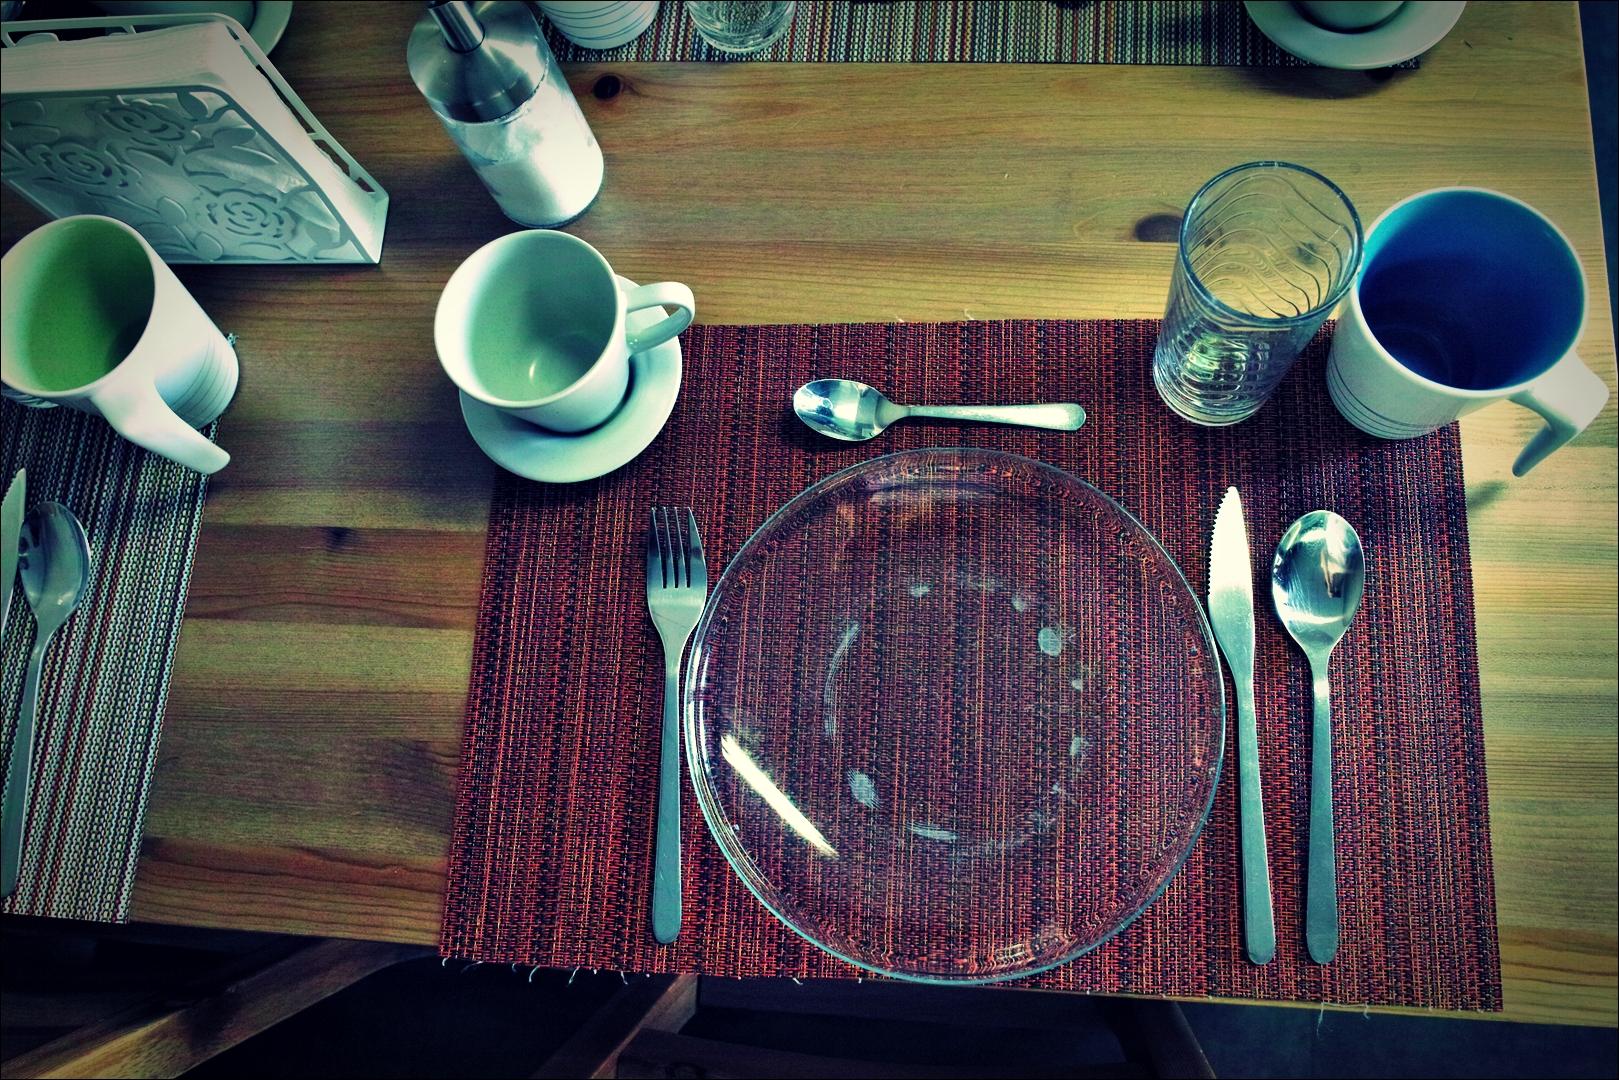 아침-'스위트 리스본 리버 게스트하우스'